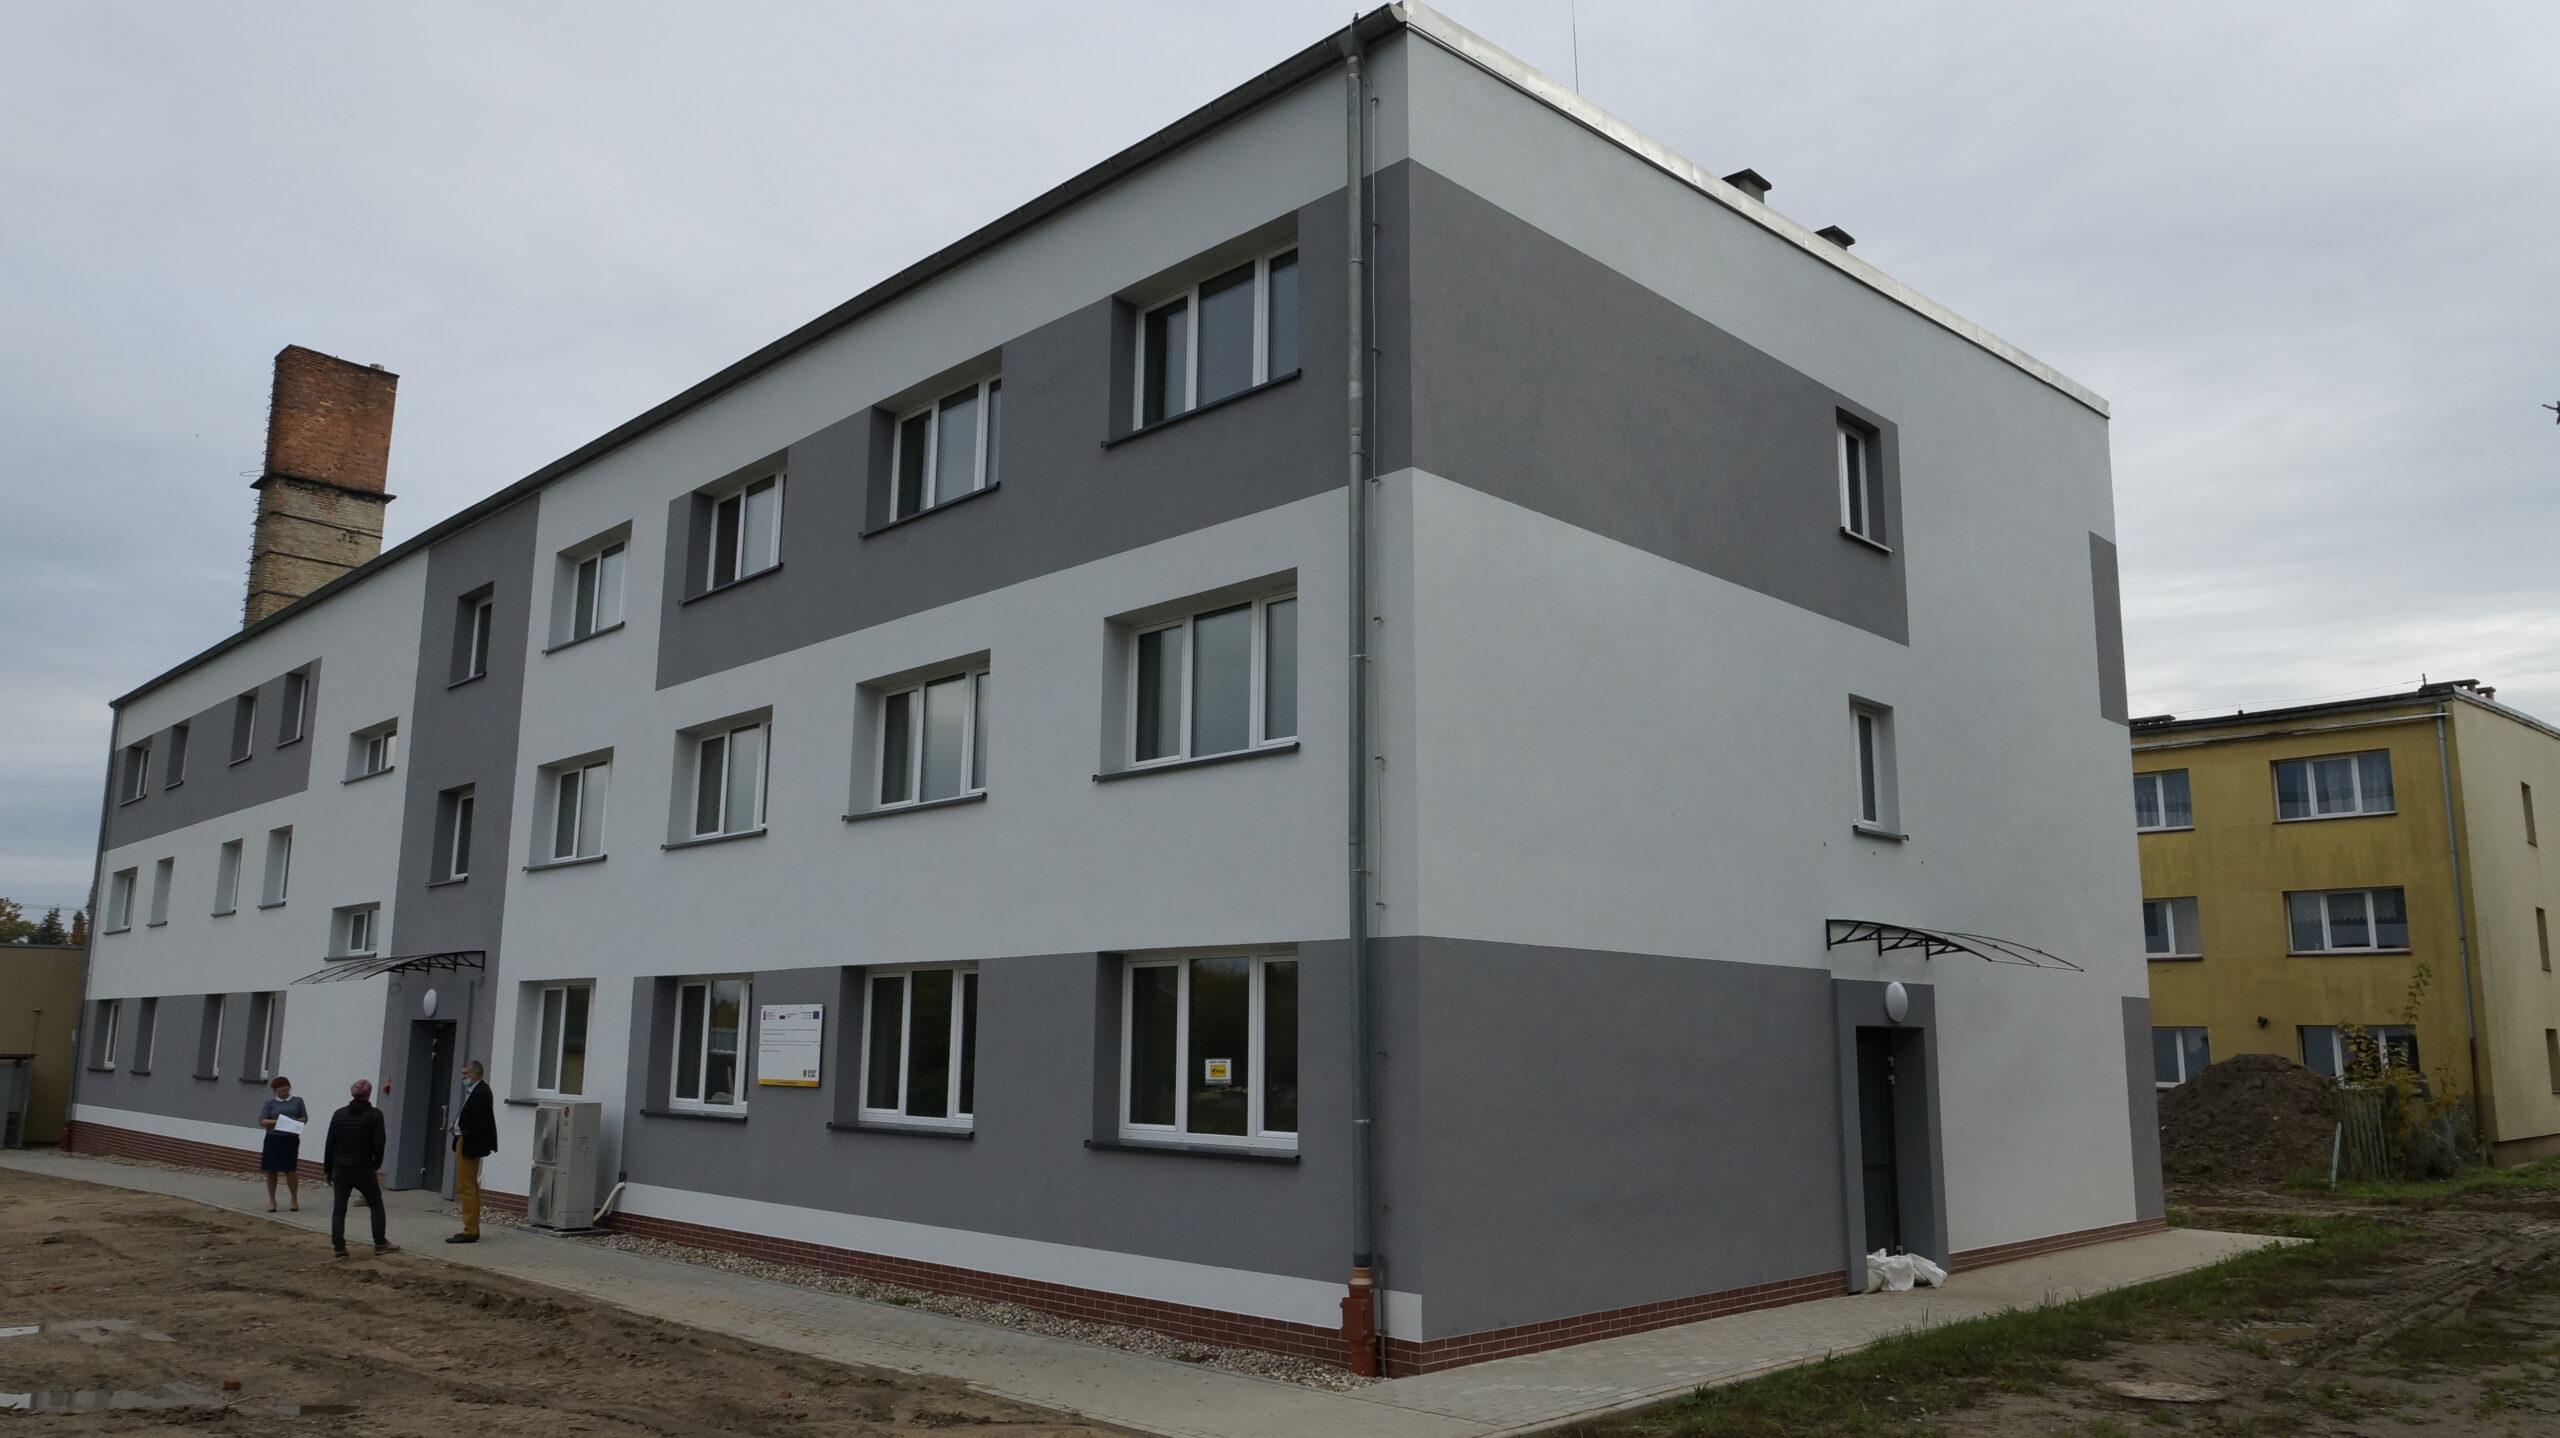 Budynek internatu Zespołu Szkół Ekonomiczno-Technicznych w Rakowicach Wielkich po rewitalizacji